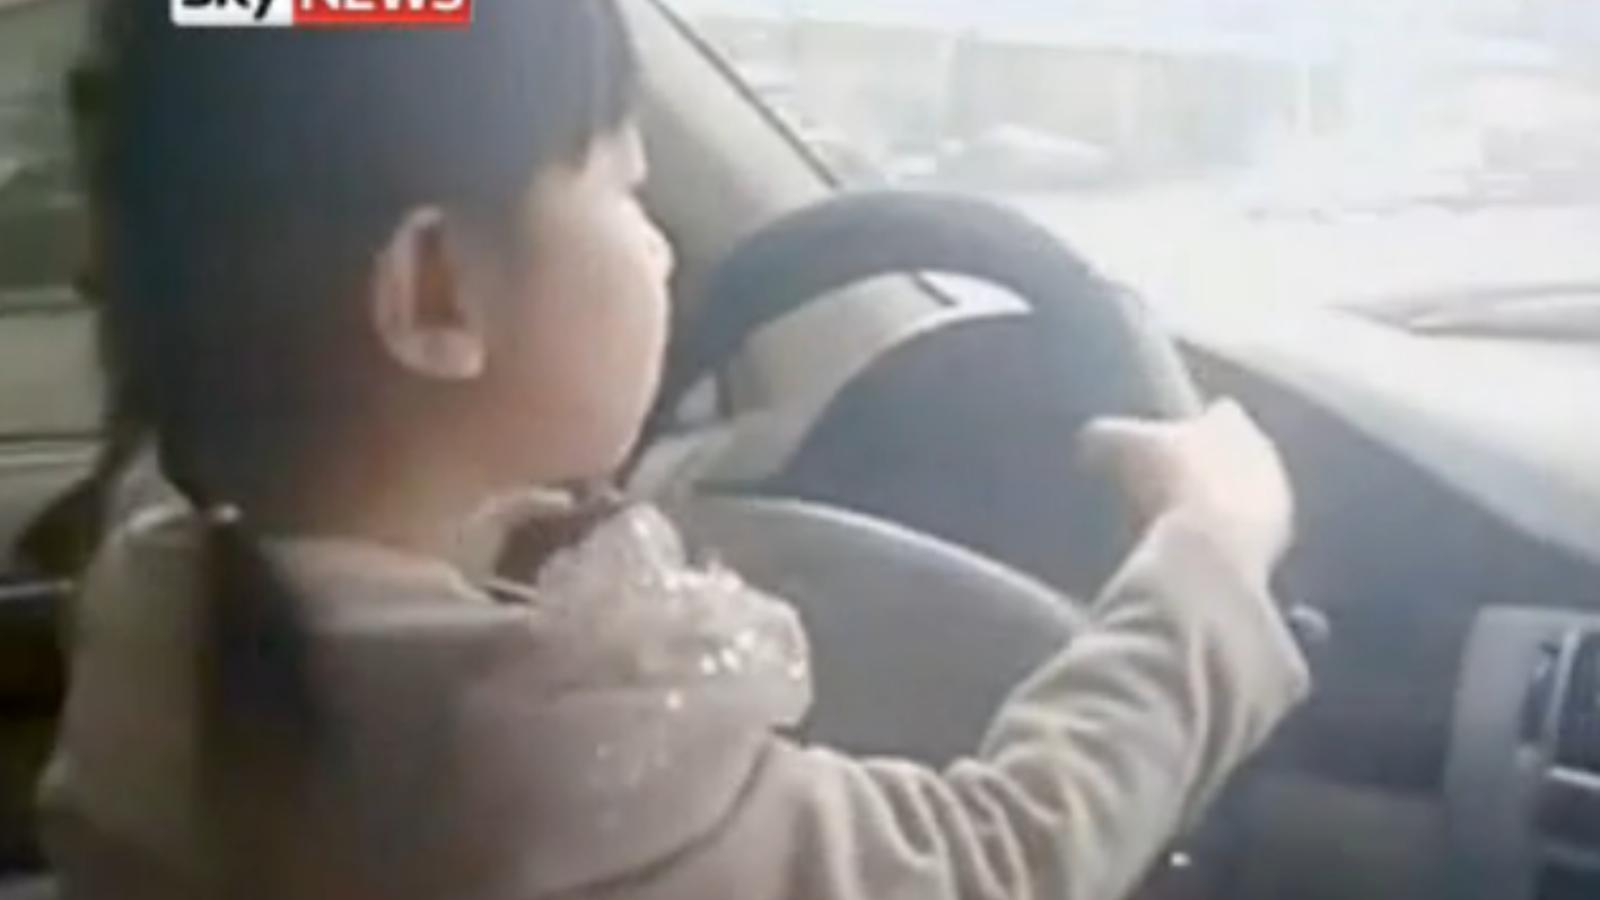 Un pare deixa conduir el cotxe a la seva filla de 4 anys mentre algú l'enregistra en vídeo